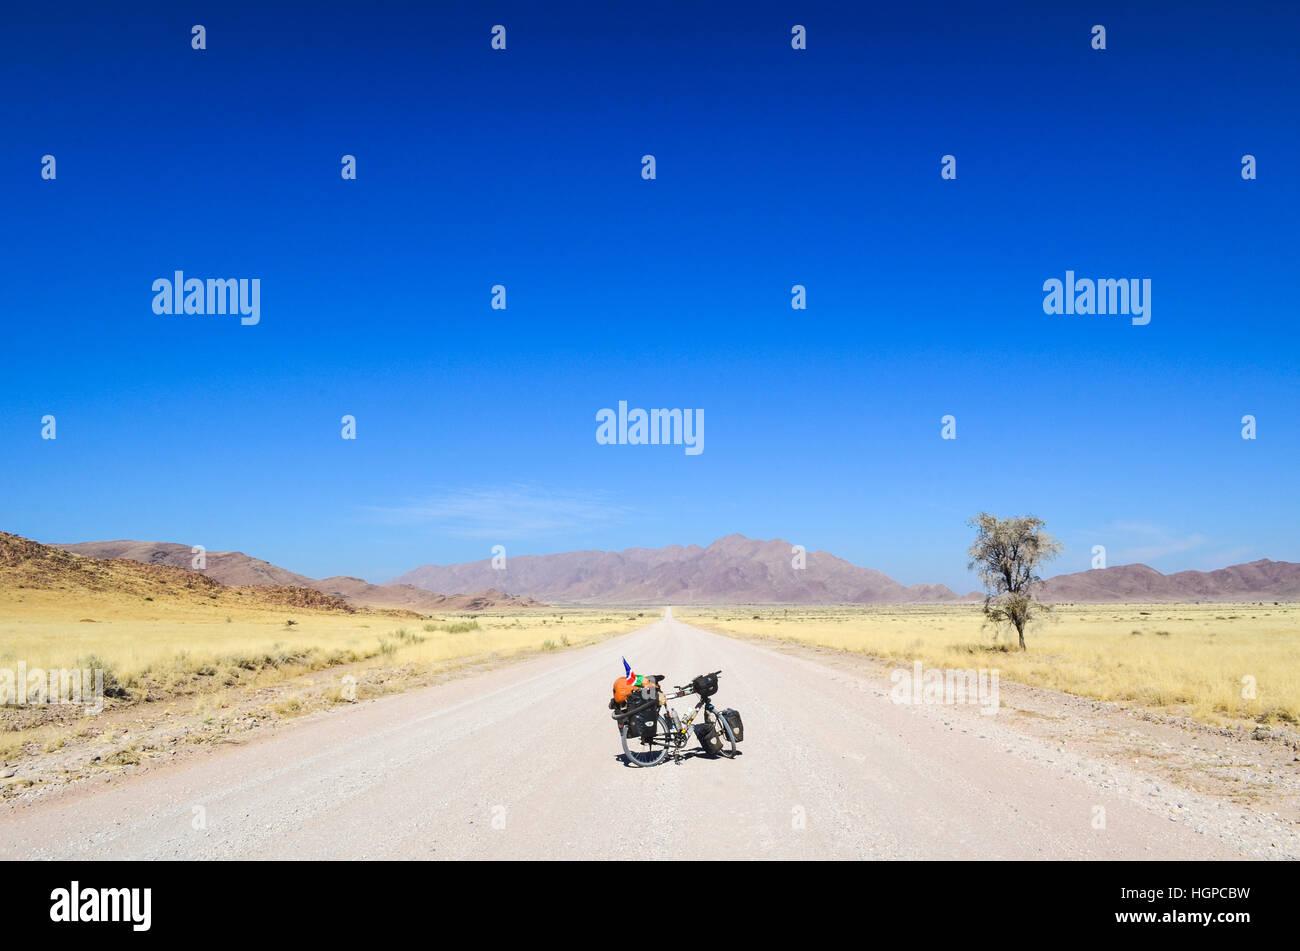 Bicicletta sul C19 strada nel deserto del Namib, Namibia Immagini Stock